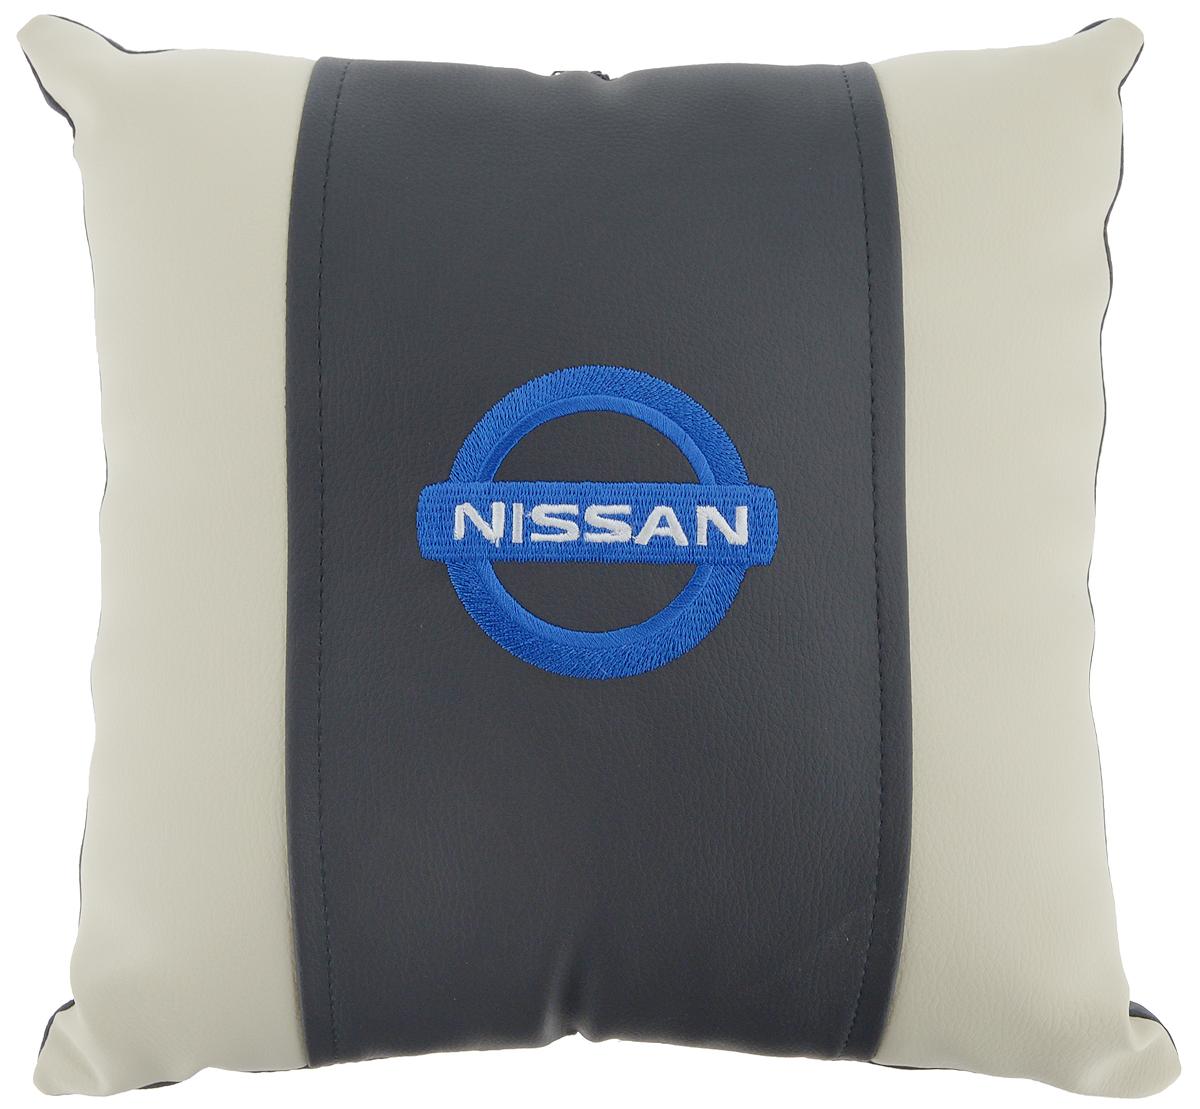 Подушка на сиденье Autoparts Nissan, 30 х 30 смМ044Подушка на сиденье Autoparts Nissan создана для тех, кто весь свой день вынужден проводить за рулем. Чехол выполнен из высококачественной дышащей экокожи. Наполнителем служит холлофайбер. На задней части подушки имеется змейка.Особенности подушки:- Хорошо проветривается.- Предупреждает потение.- Поддерживает комфортную температуру.- Обминается по форме тела.- Улучшает кровообращение.- Исключает затечные явления.- Предупреждает развитие заболеваний, связанных с сидячим образом жизни. Подушка также будет полезна и дома - при работе за компьютером, школьникам - при выполнении домашних работ, да и в любимом кресле перед телевизором.